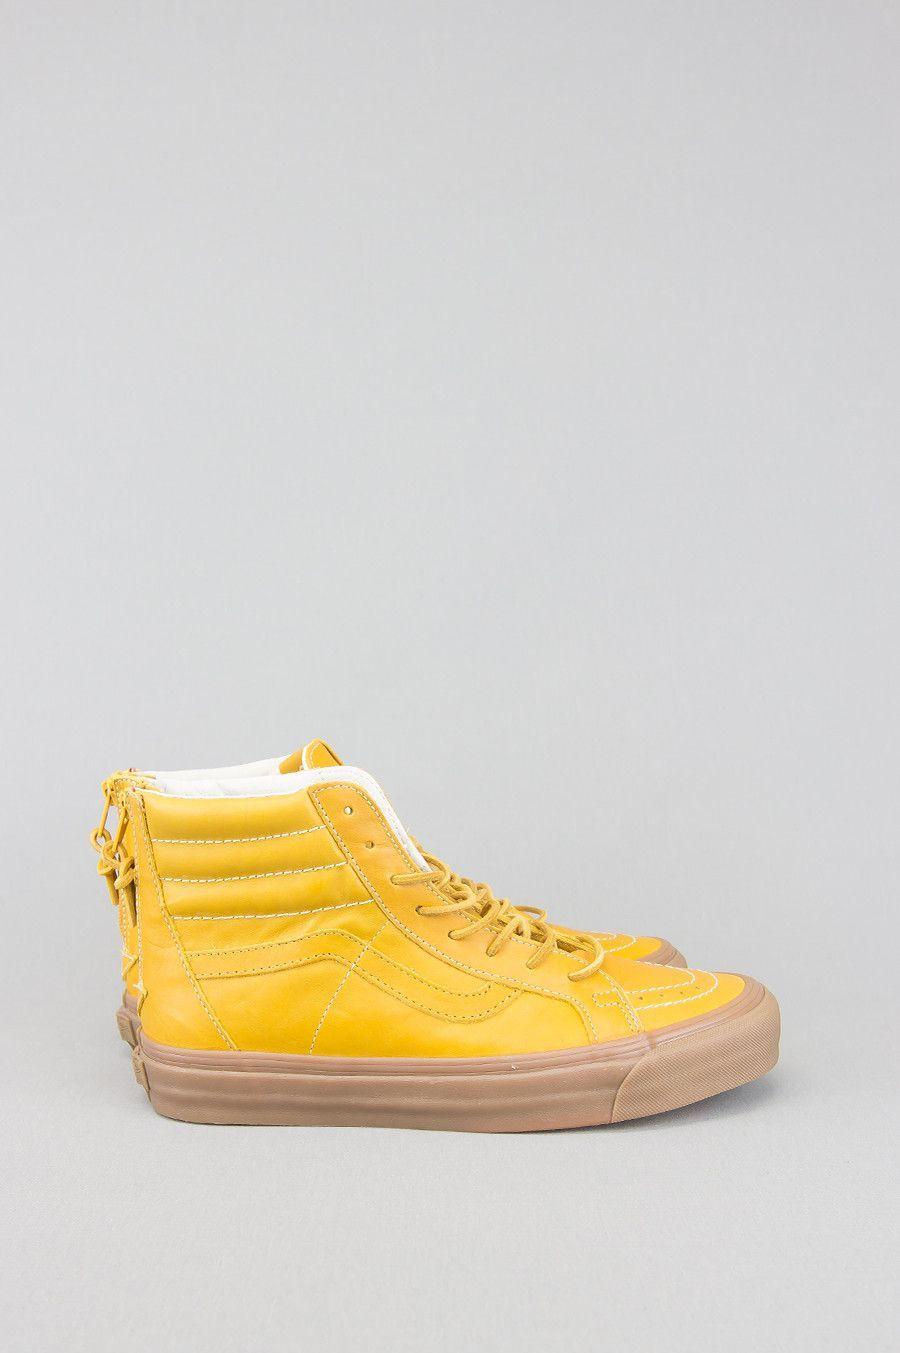 Vans vault sk8 hi reissue zip lx leather golden yellow  5cc1385726